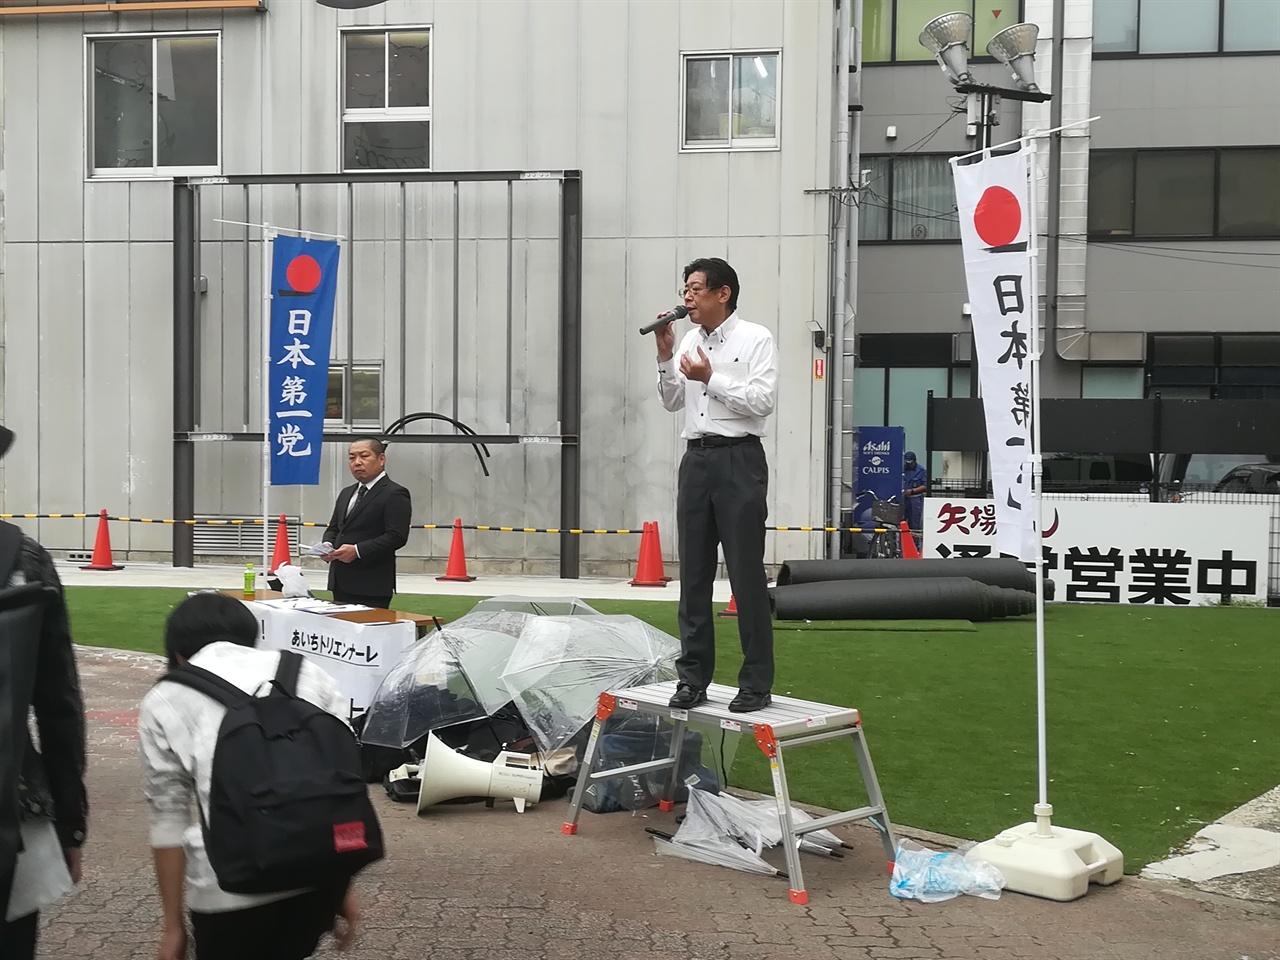 전시 재개 집회를 비난하는 우익 단체(일본 제일당) 회원